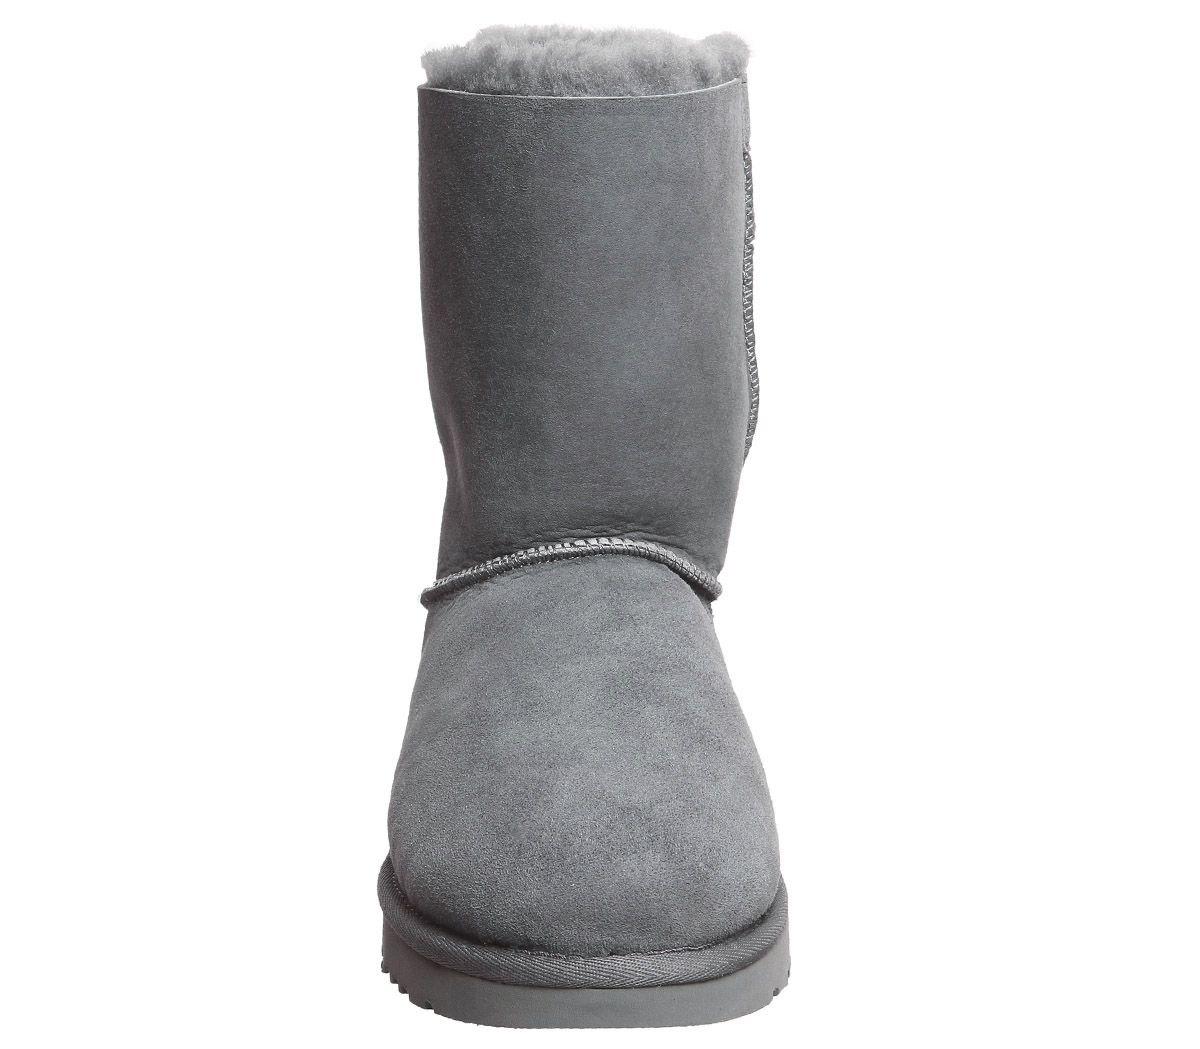 0ded6de0e94 Bailey Bow Ii Calf Boots